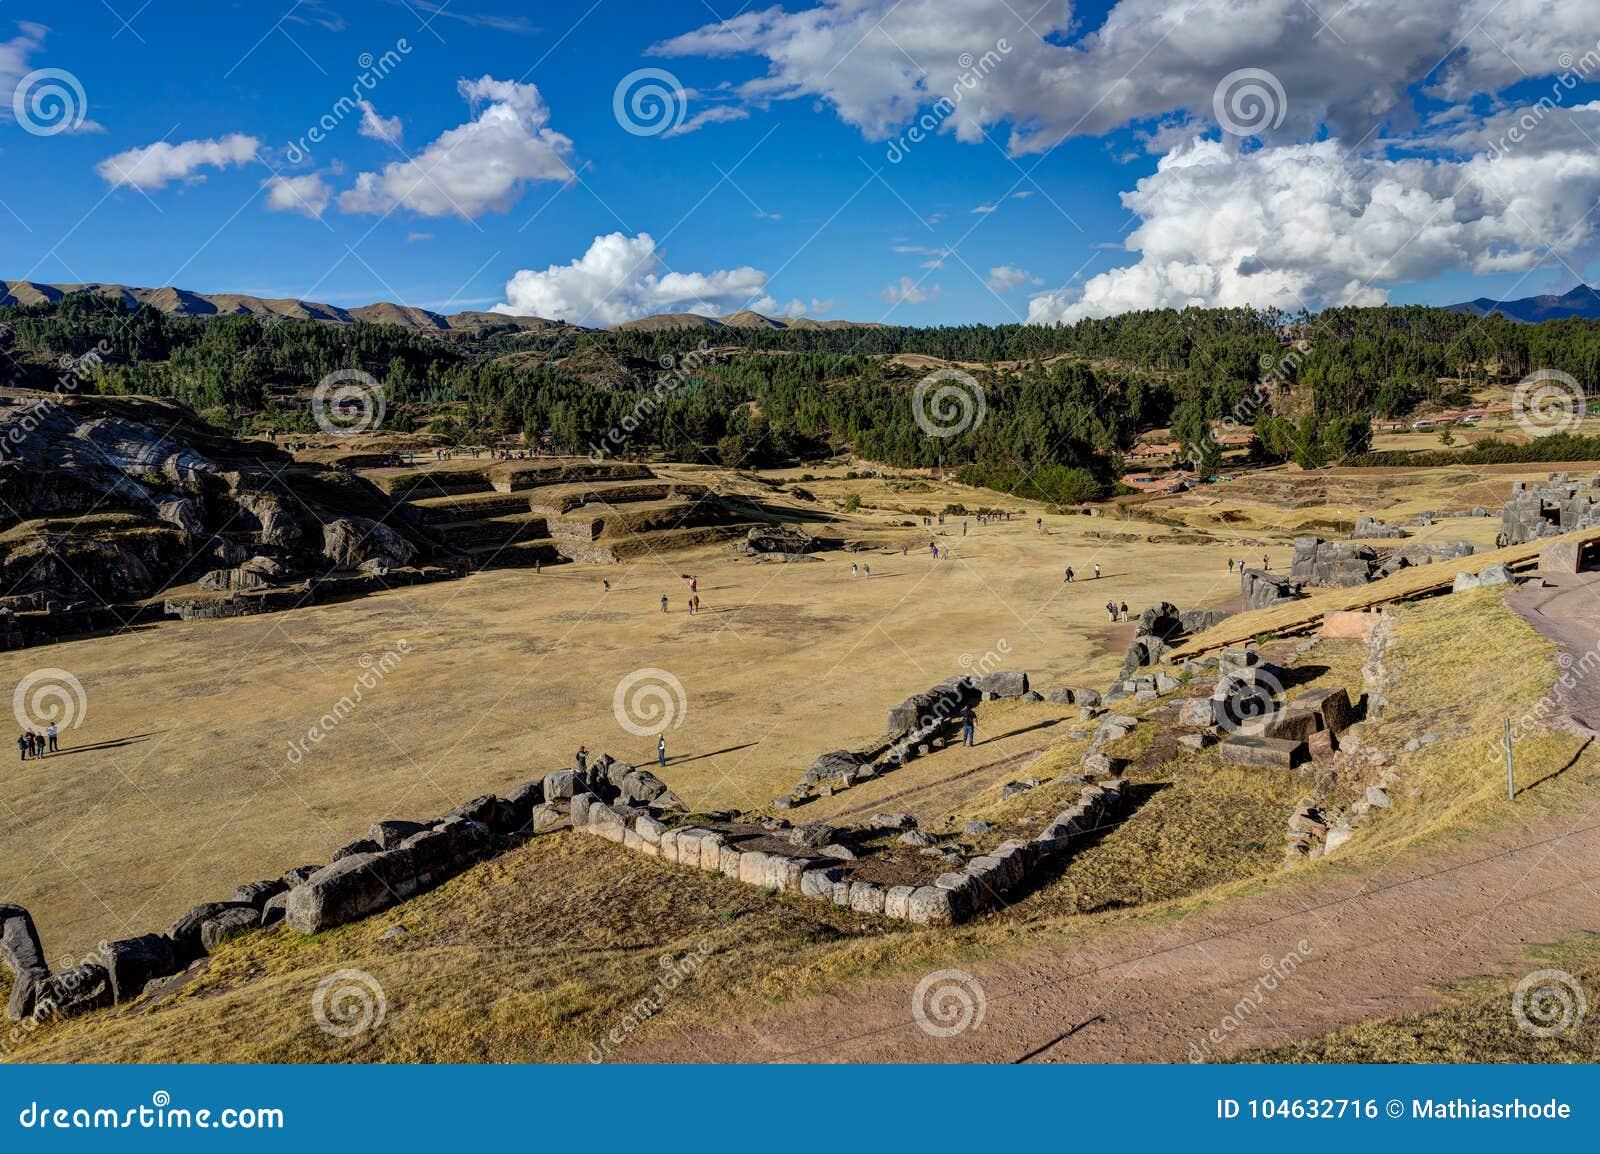 Download Mening Over Cusco Peru Met Blauwe Hemel En Wolken Stock Foto - Afbeelding bestaande uit plateau, hemel: 104632716